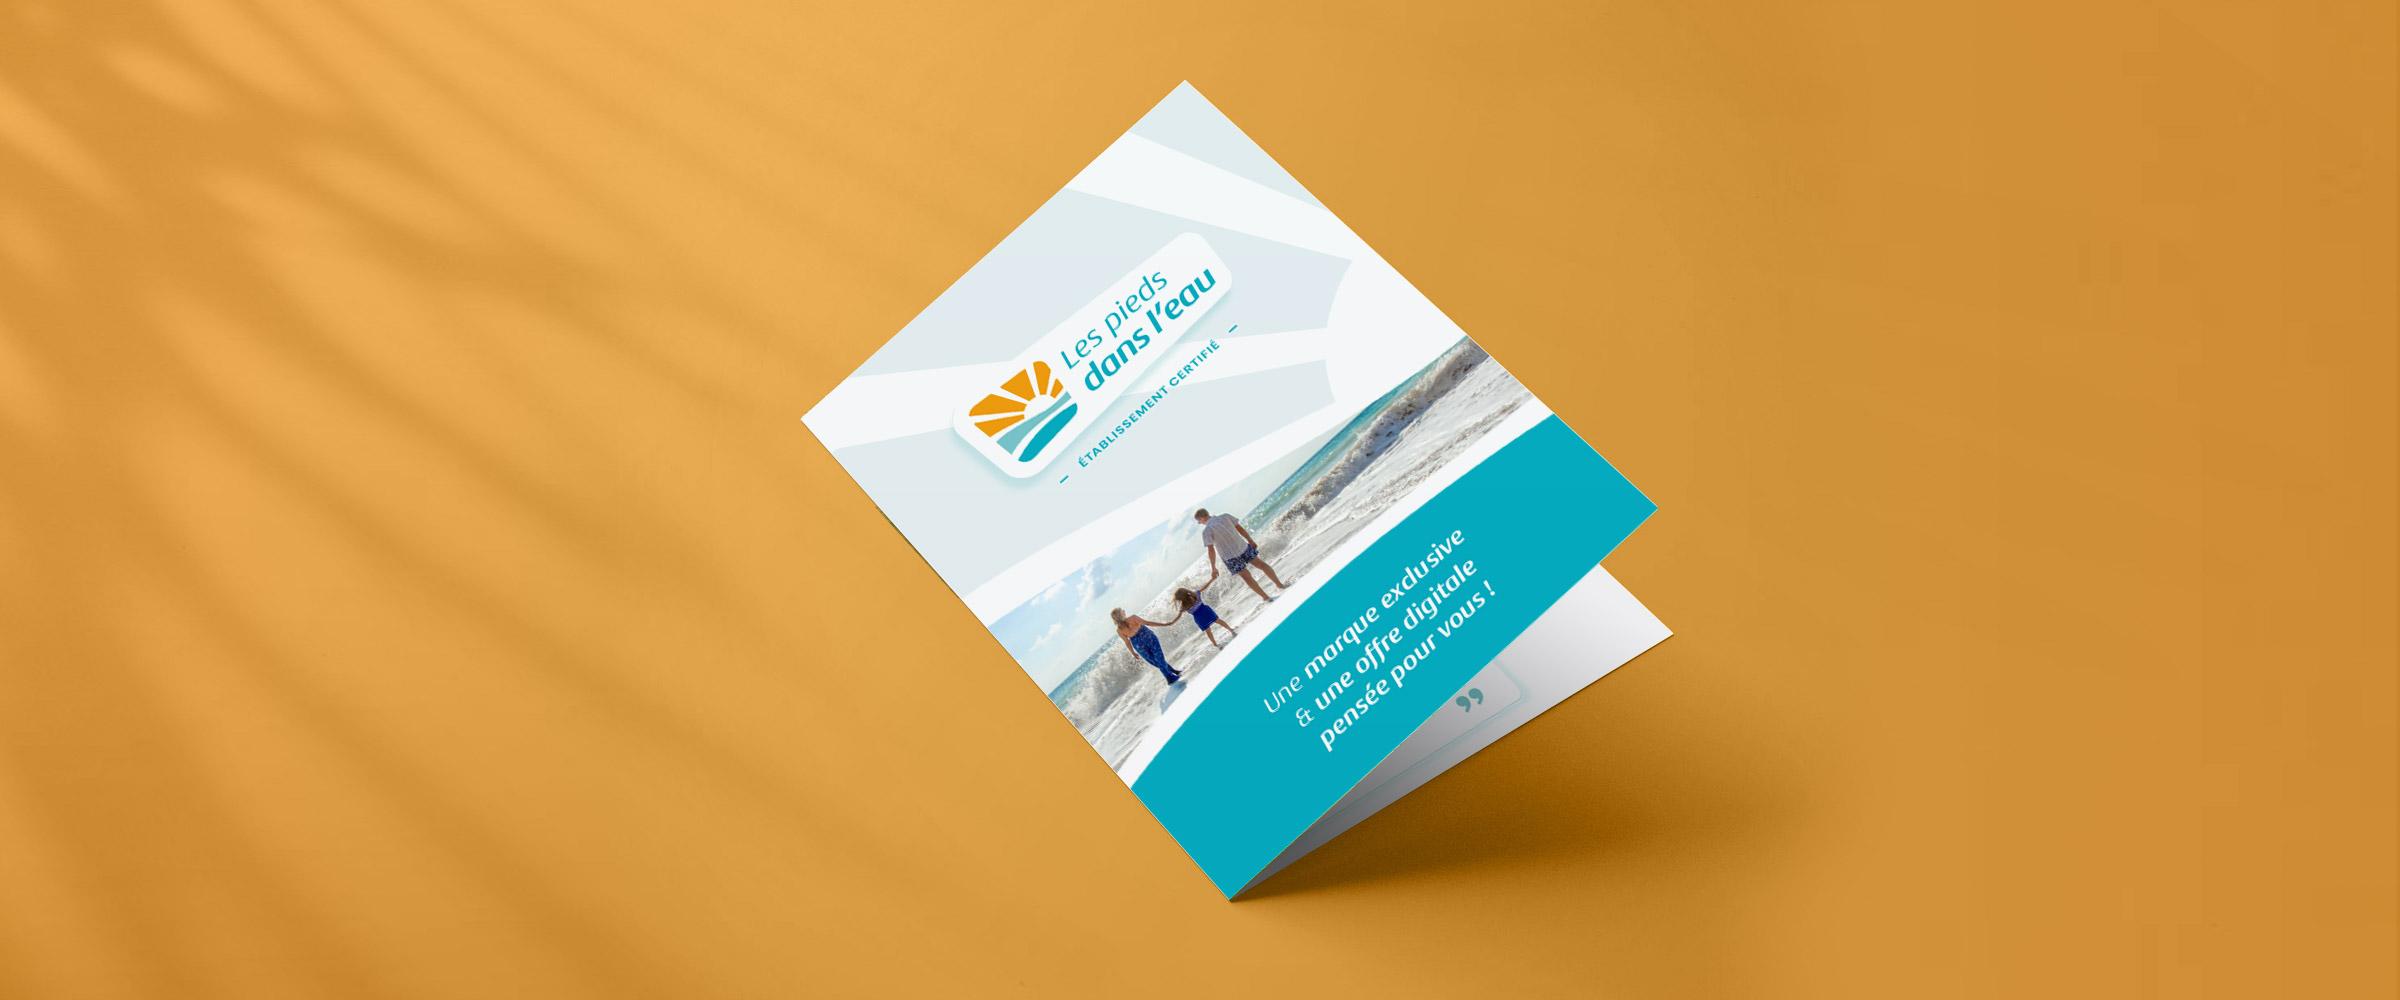 Les pieds dans l'eau couverture brochure